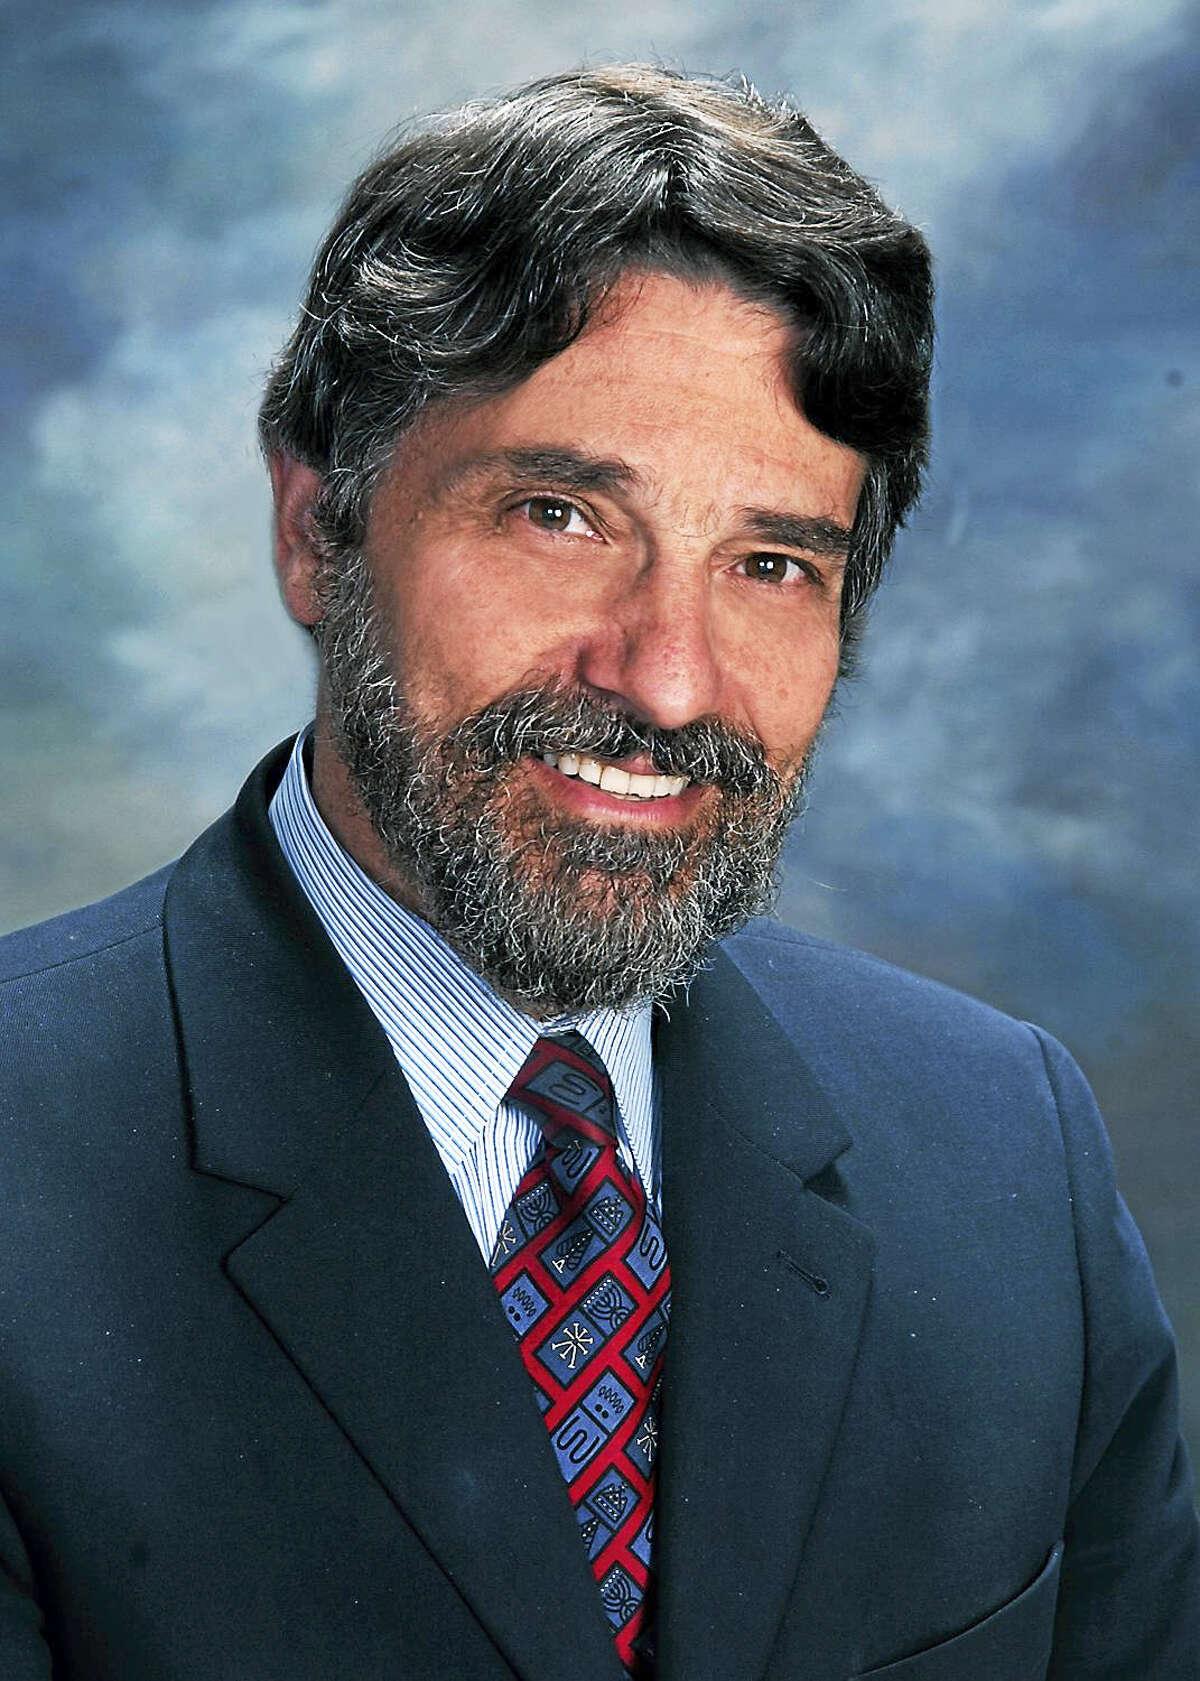 Rabbi Herbert N. Brockman